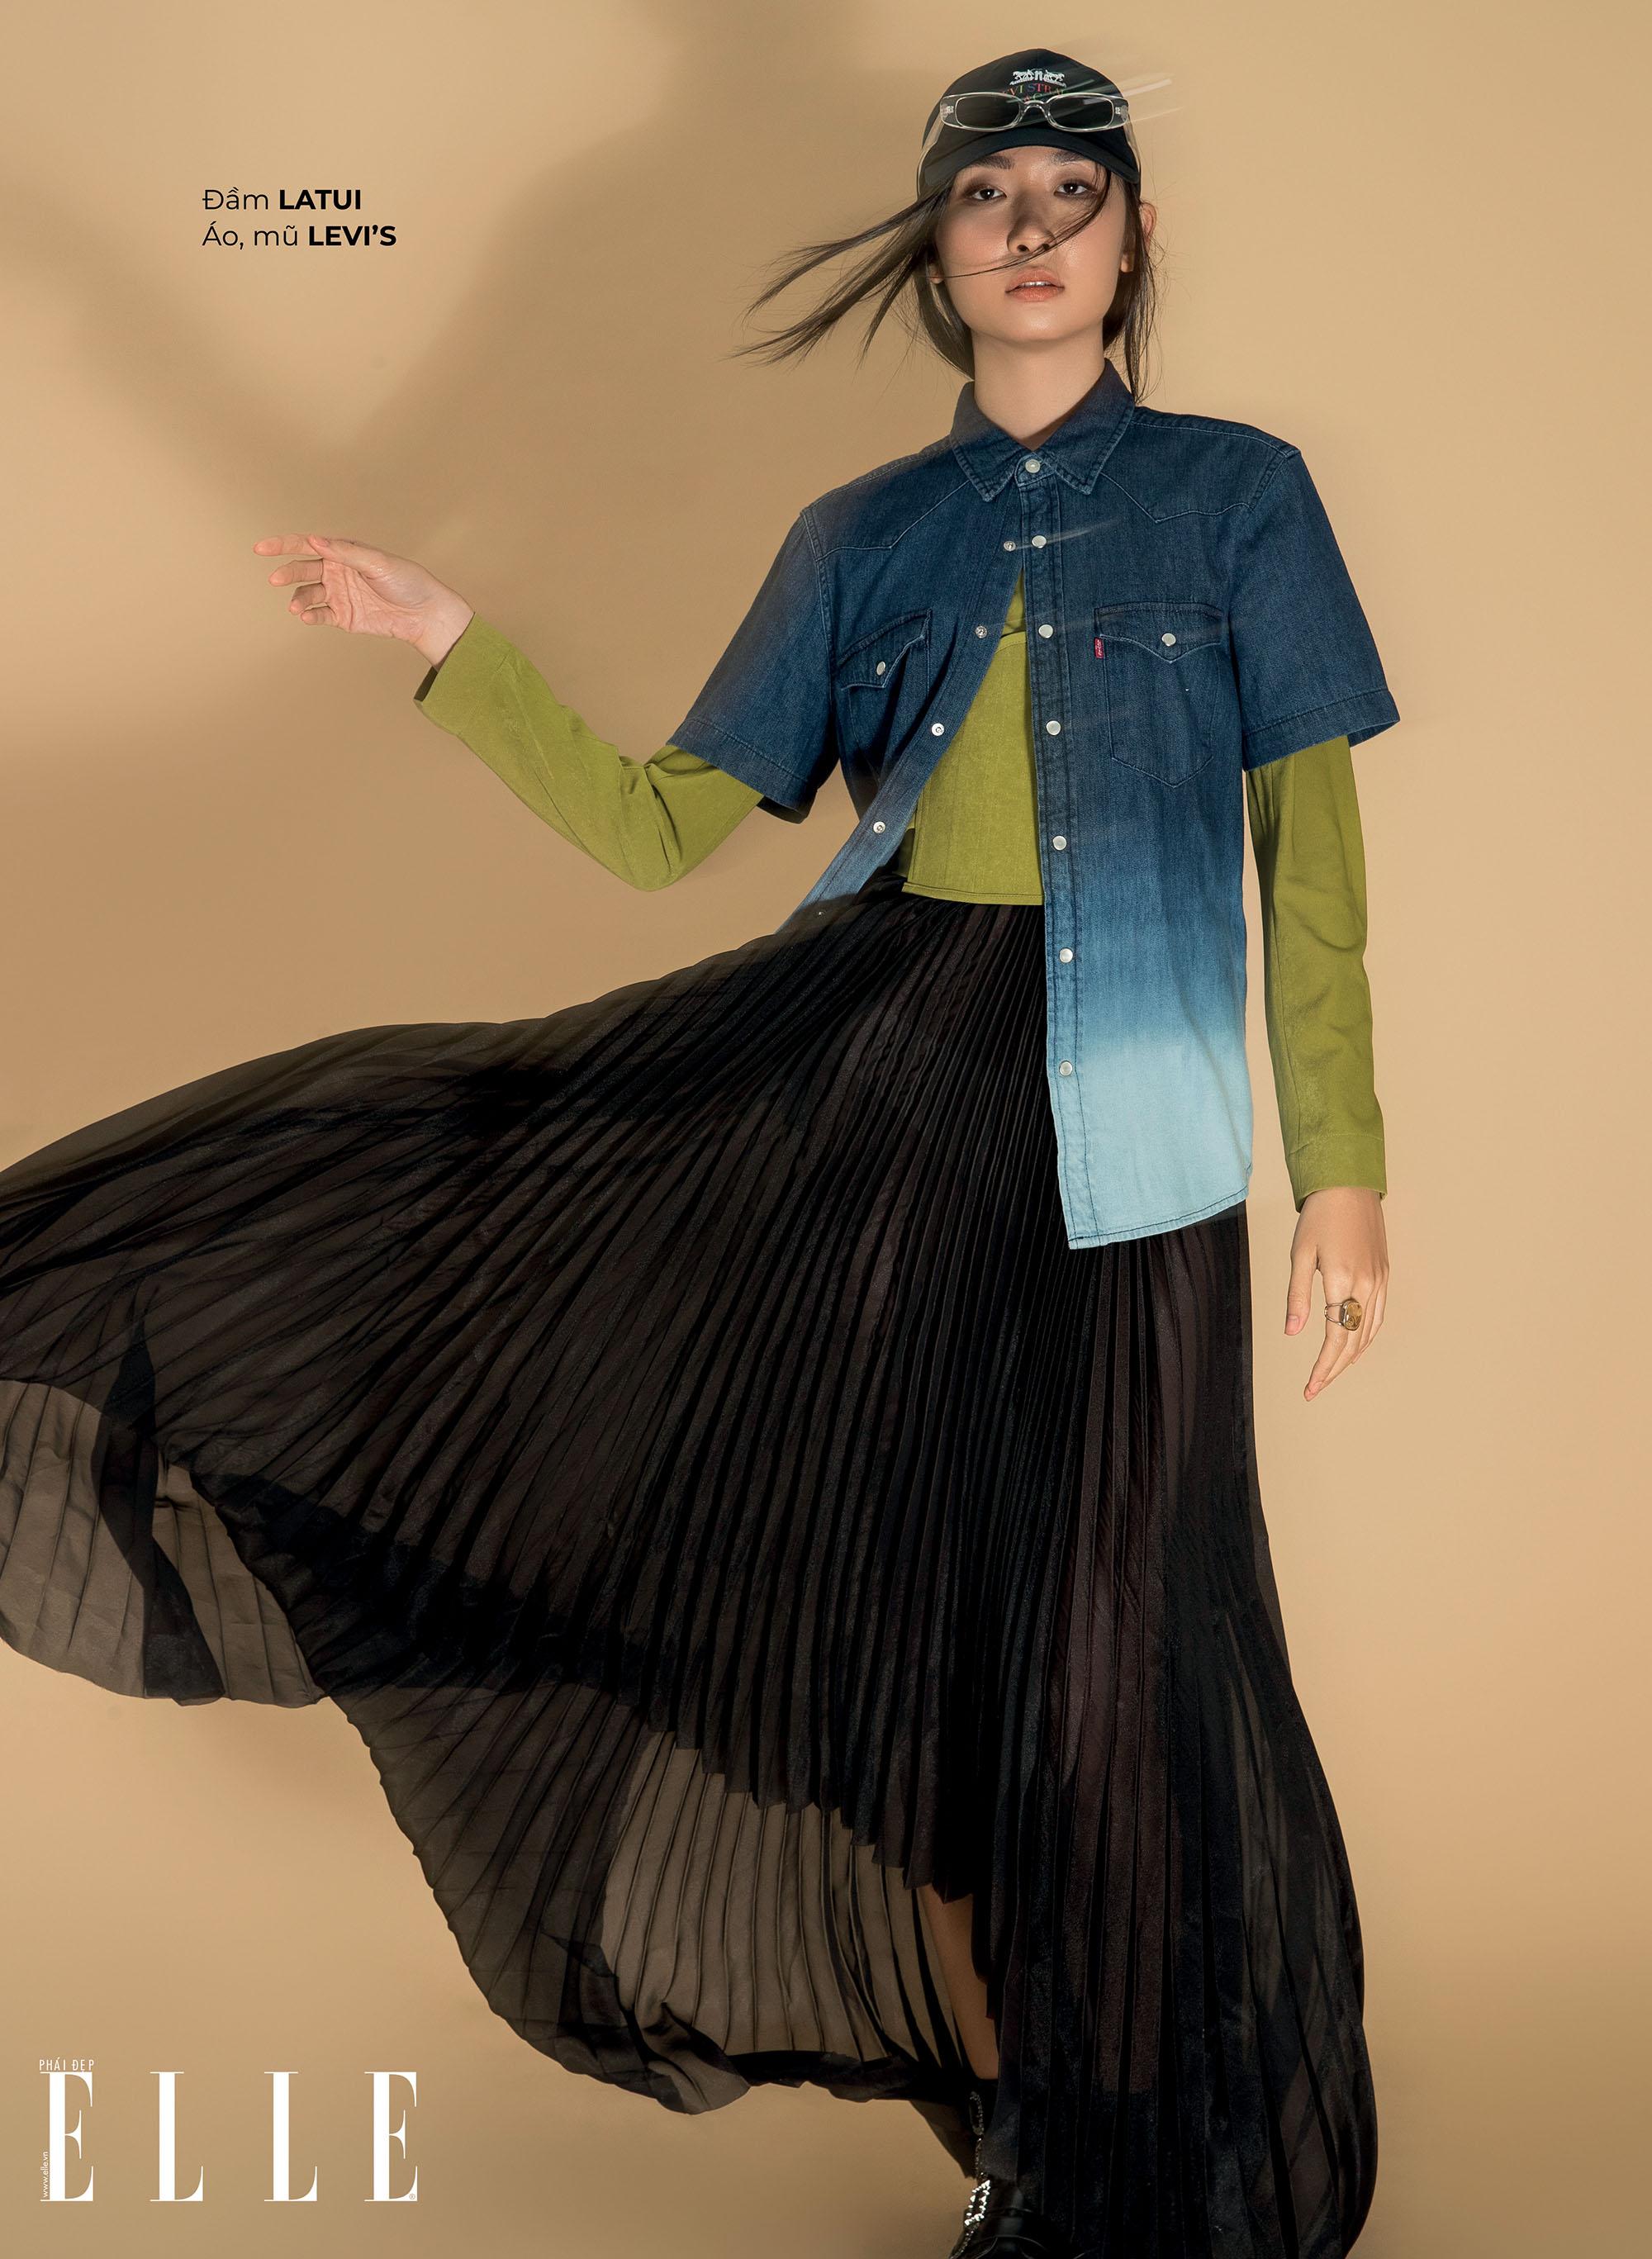 kết hợp trang phục jeans với đầm xanh